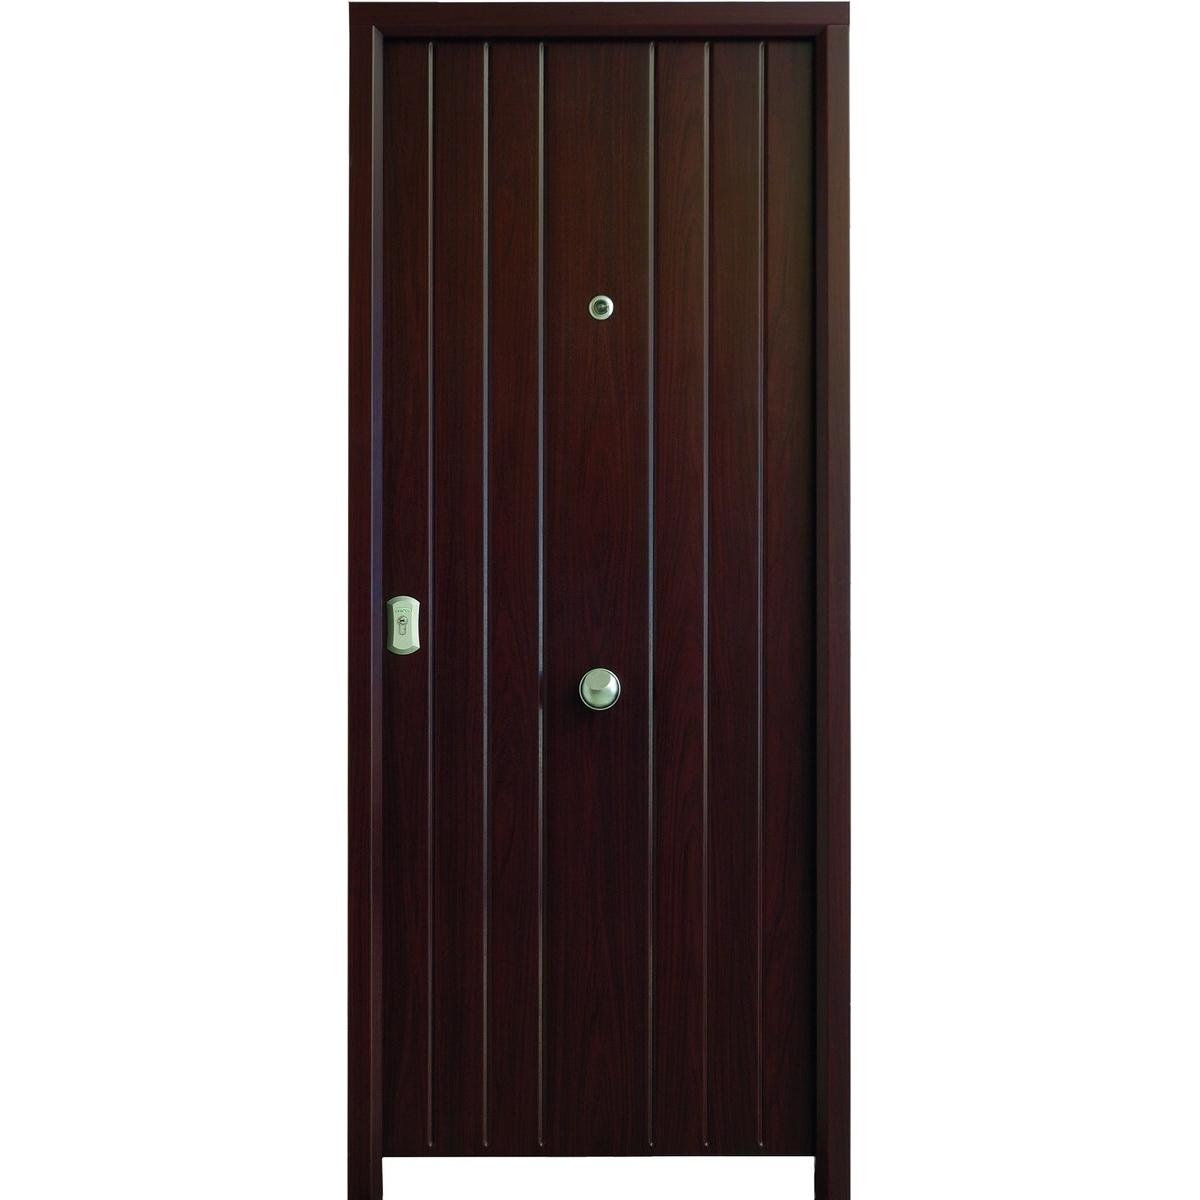 Puerta acorazada Cibeles - Puertas acorazadas Serie B4-BL - Marca Cearco